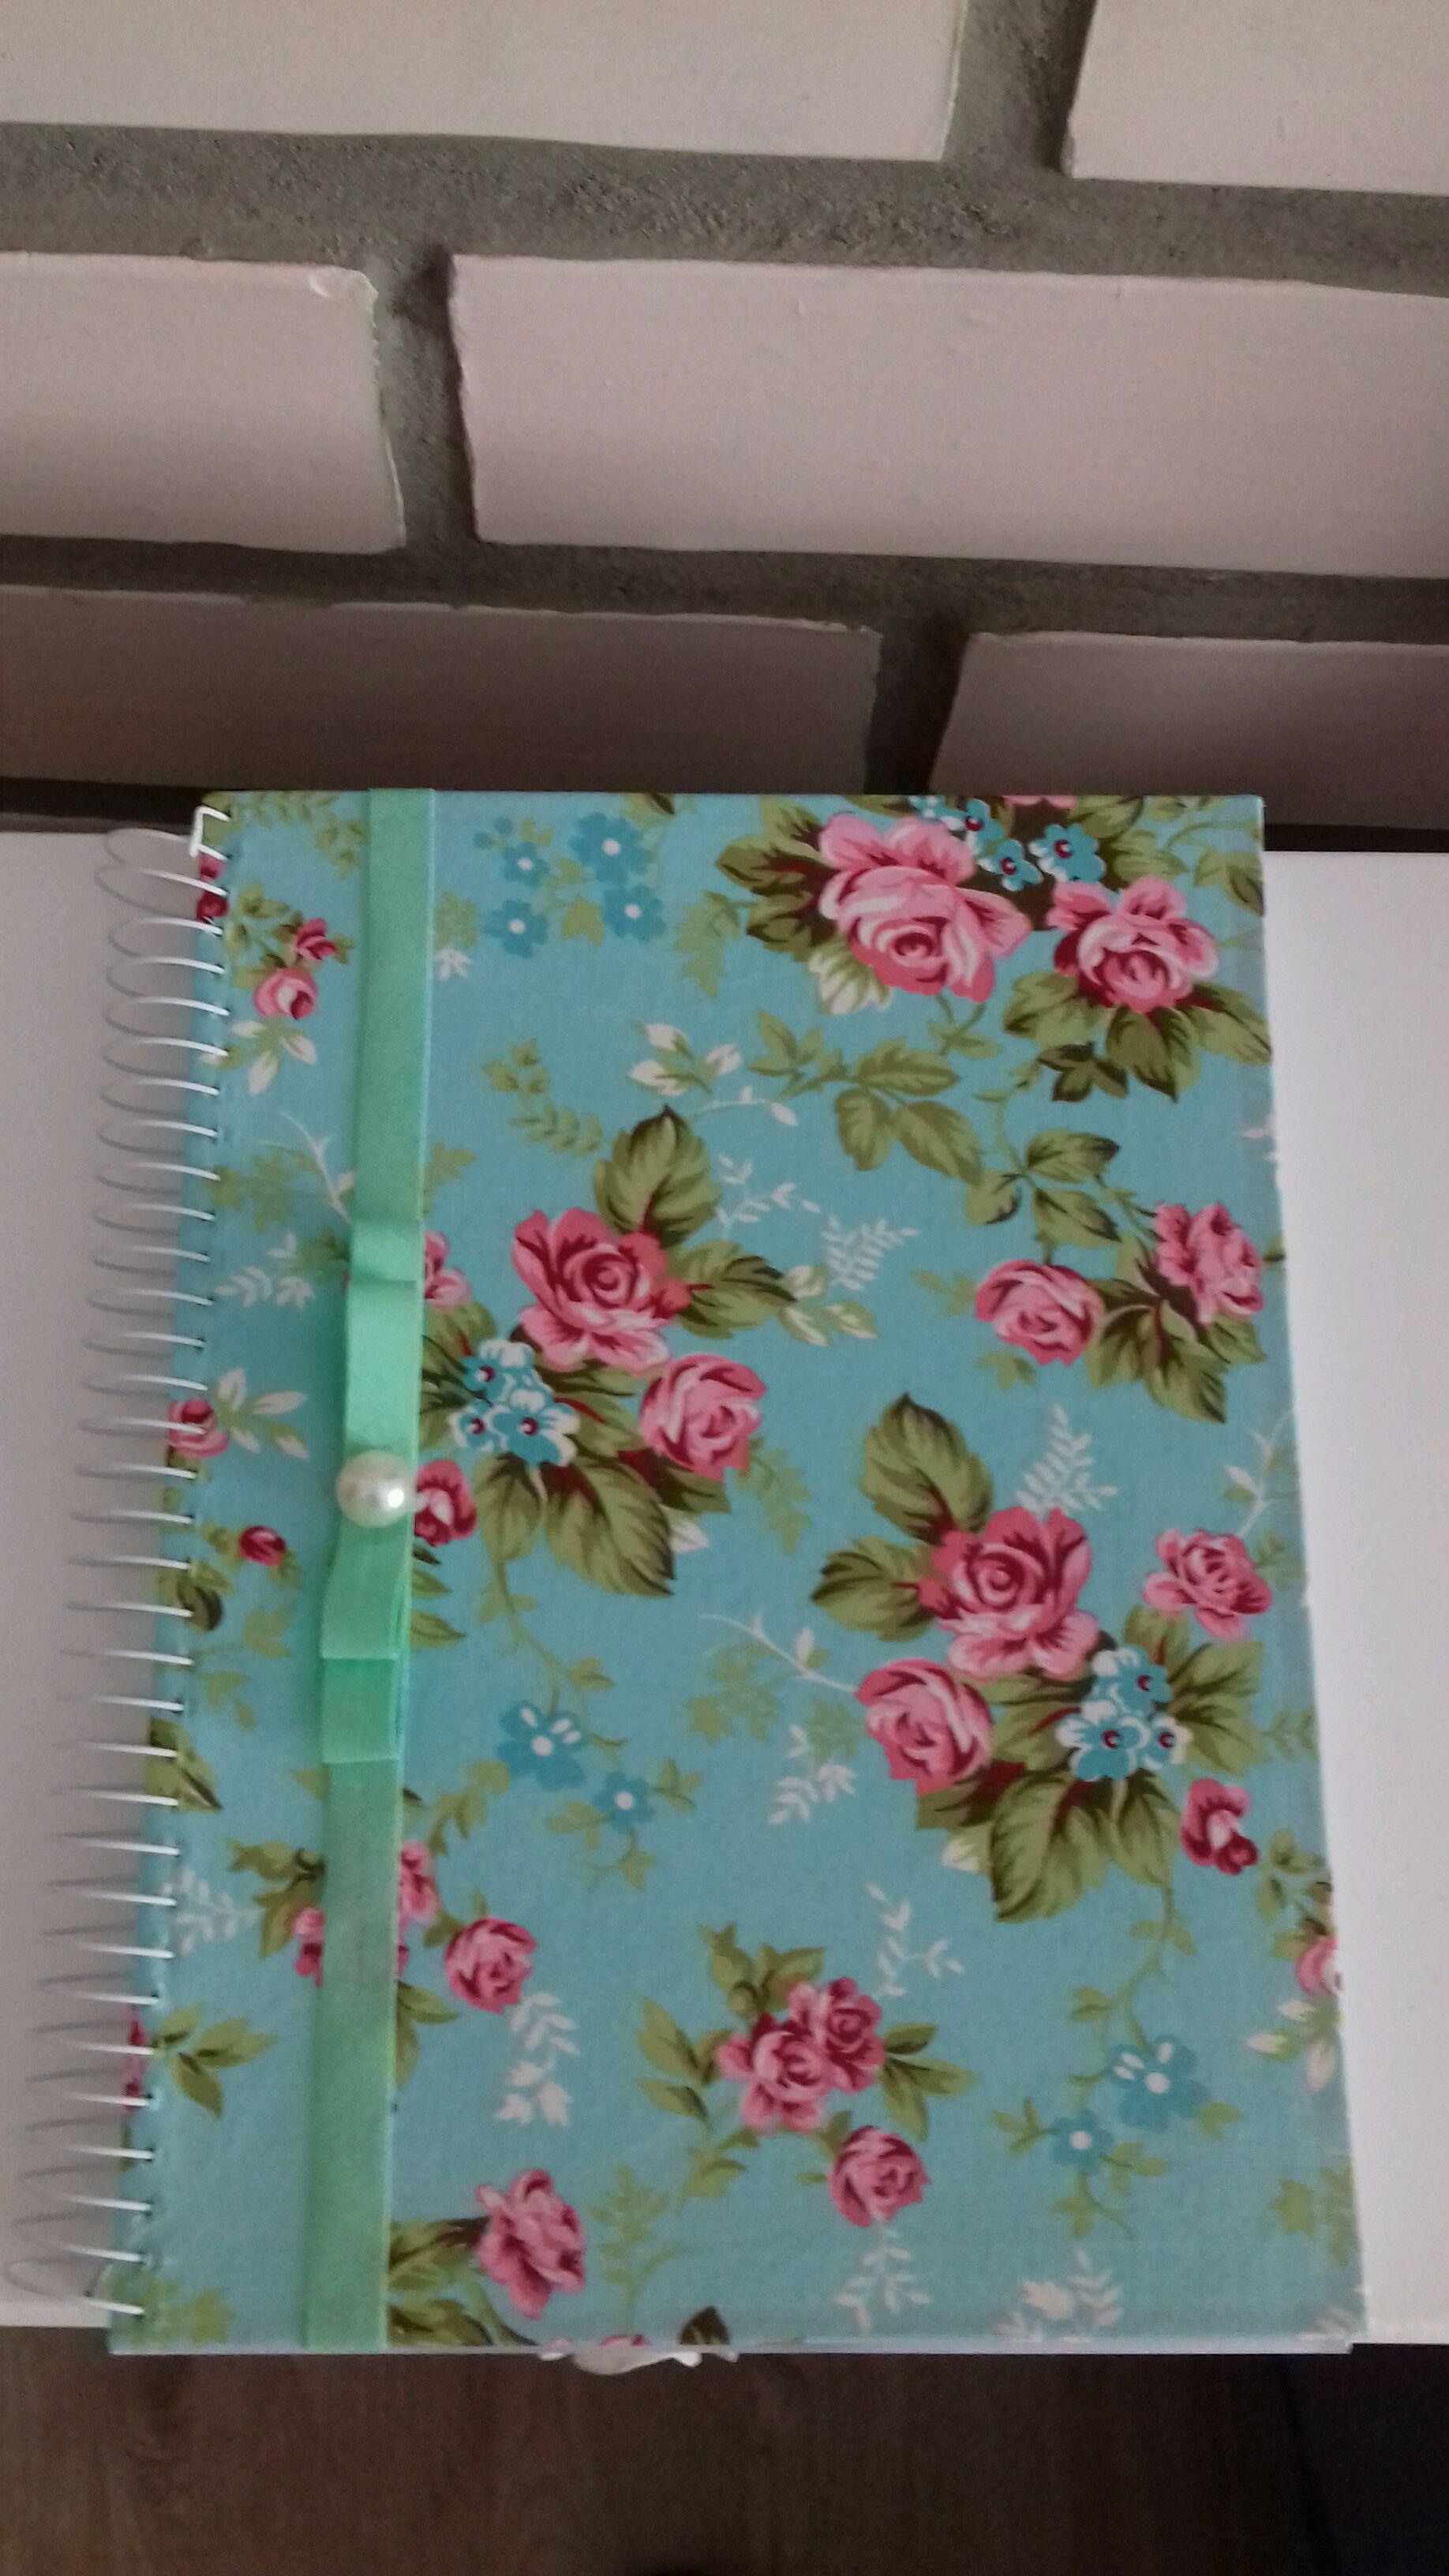 Caderno Customizado No Elo7 Feito A Dois Trabalhos Manuais B5125d